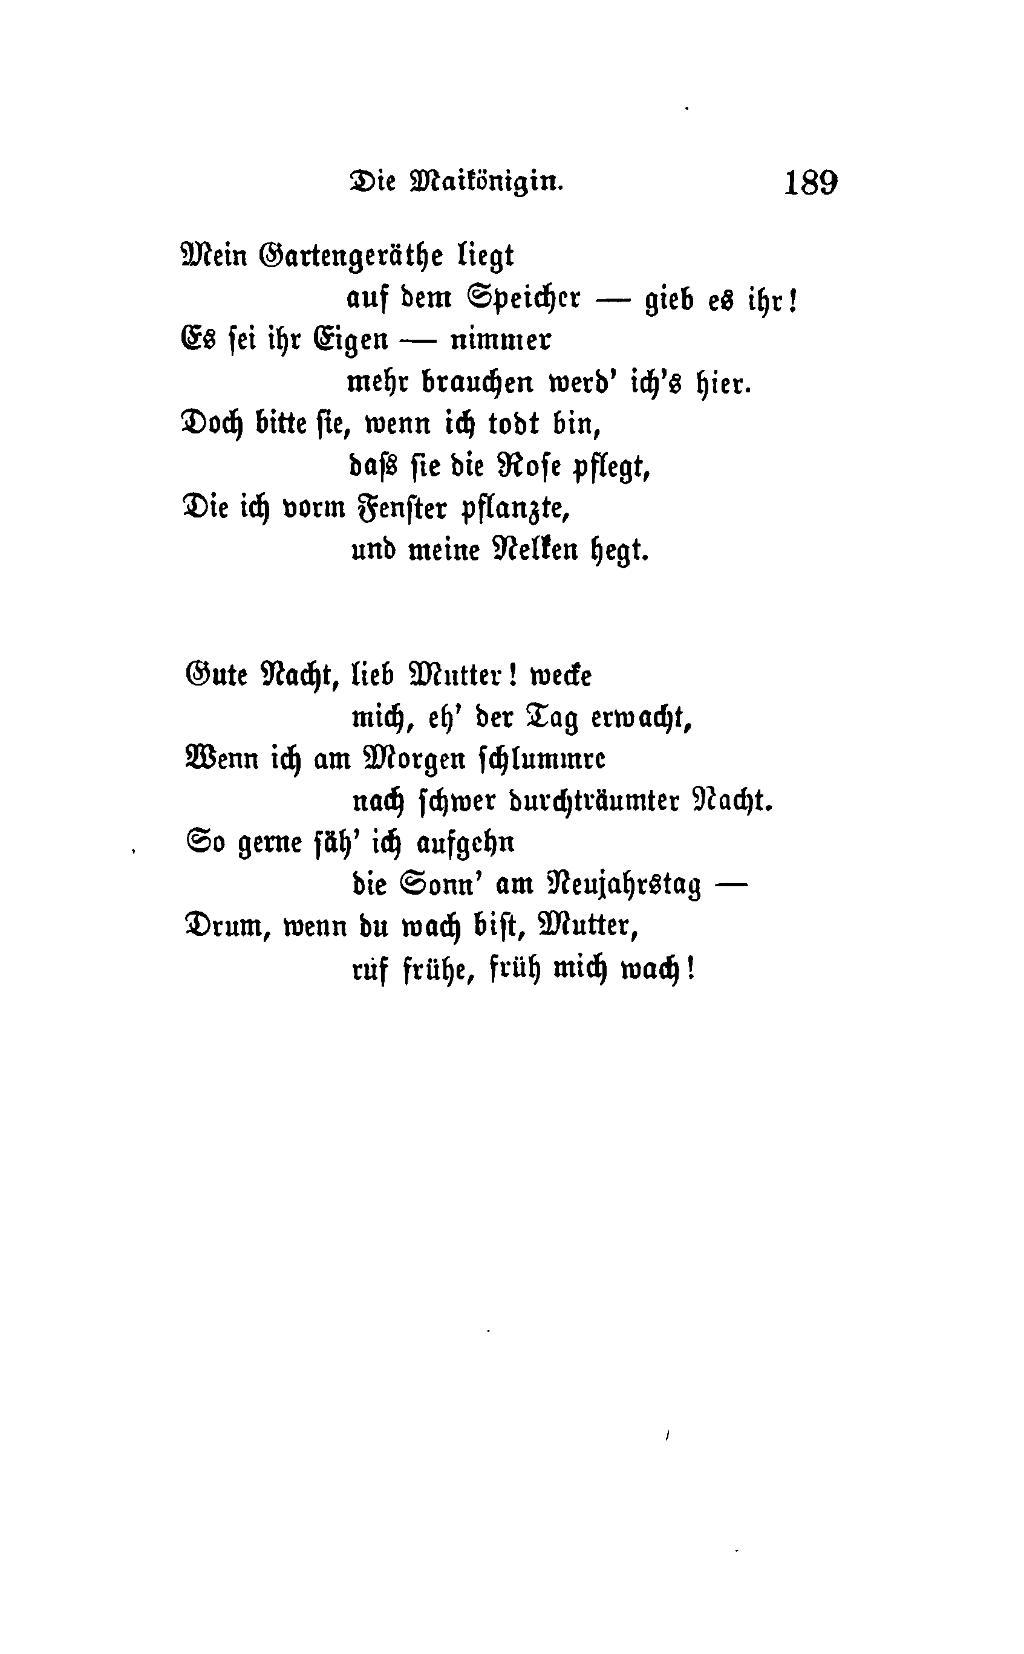 Seitelieder Und Balladenbuch Strodtmann 1862djvu203